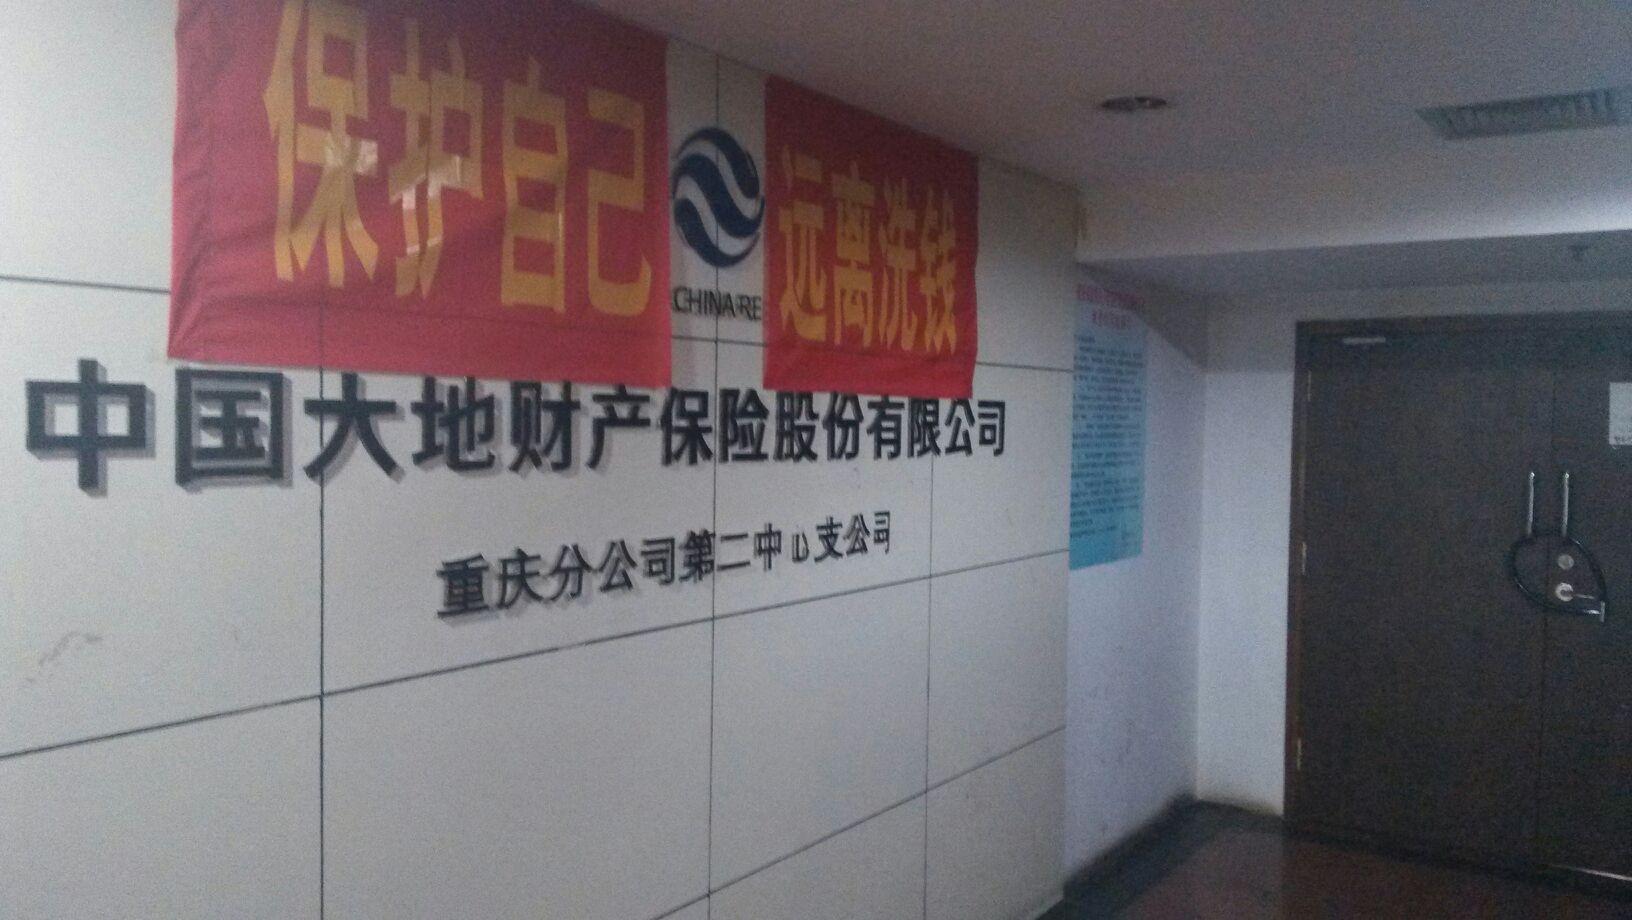 大地保险(重庆第二中心支公司)